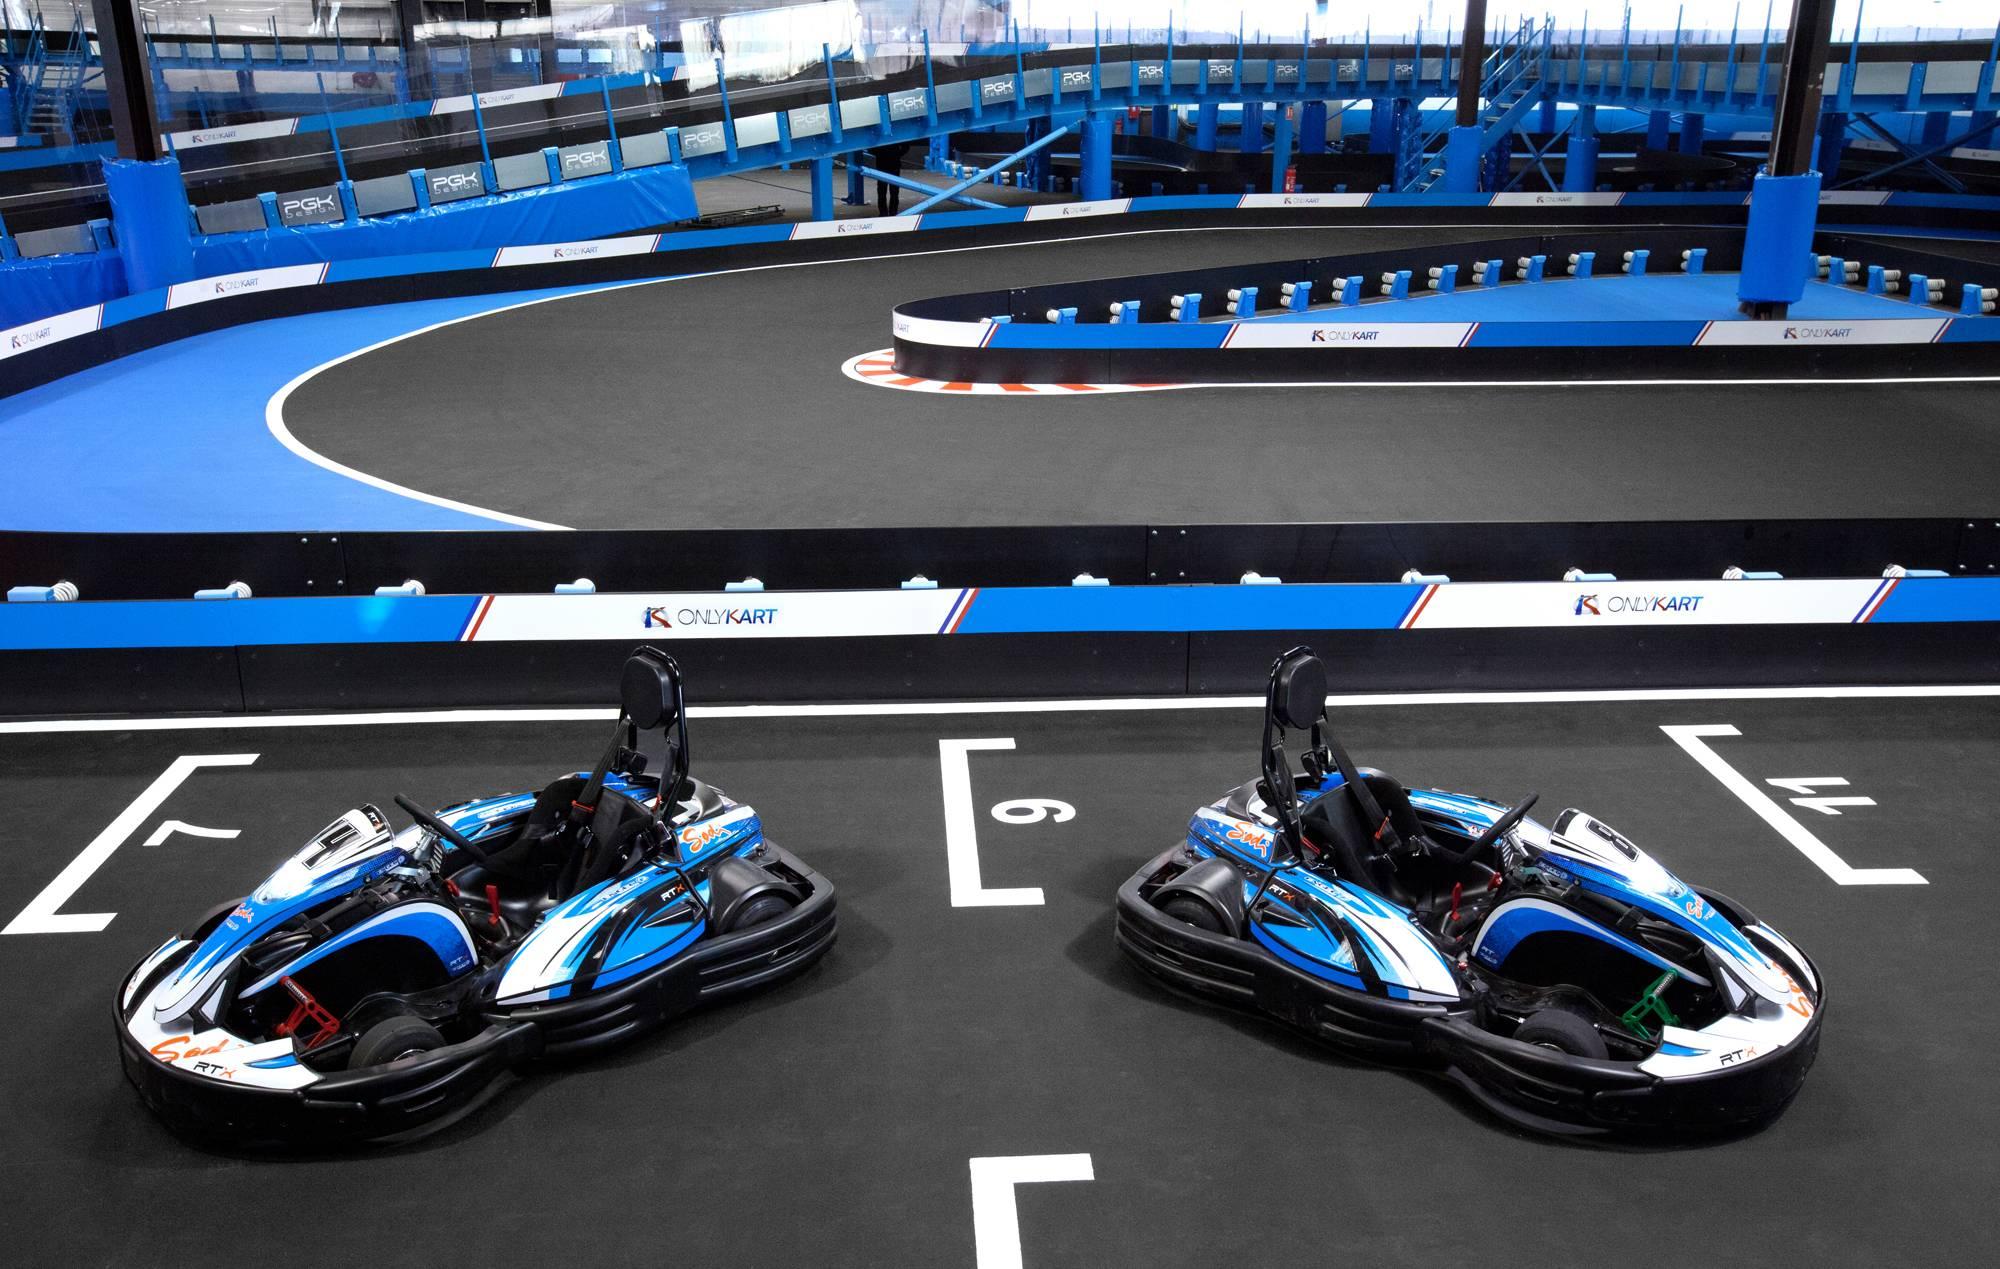 circuit de karting près de lyon